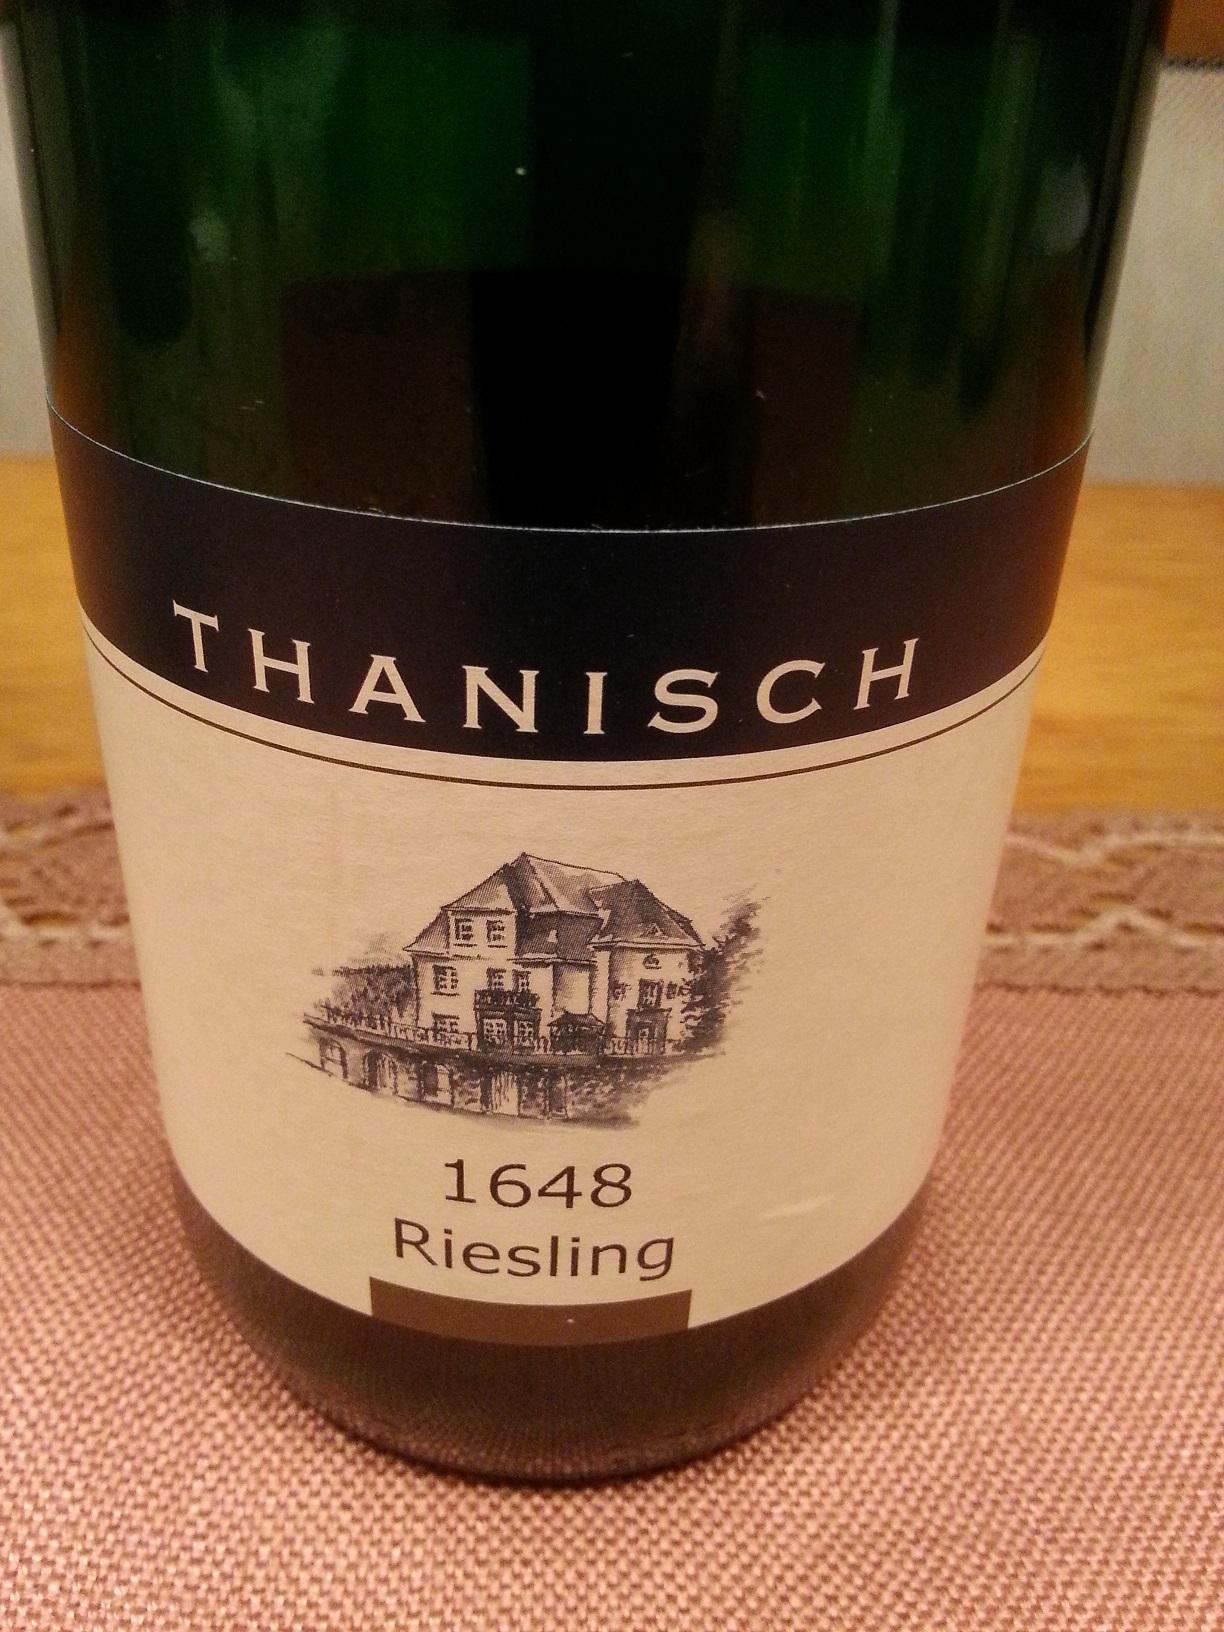 2012 Riesling 1648 | Thanisch